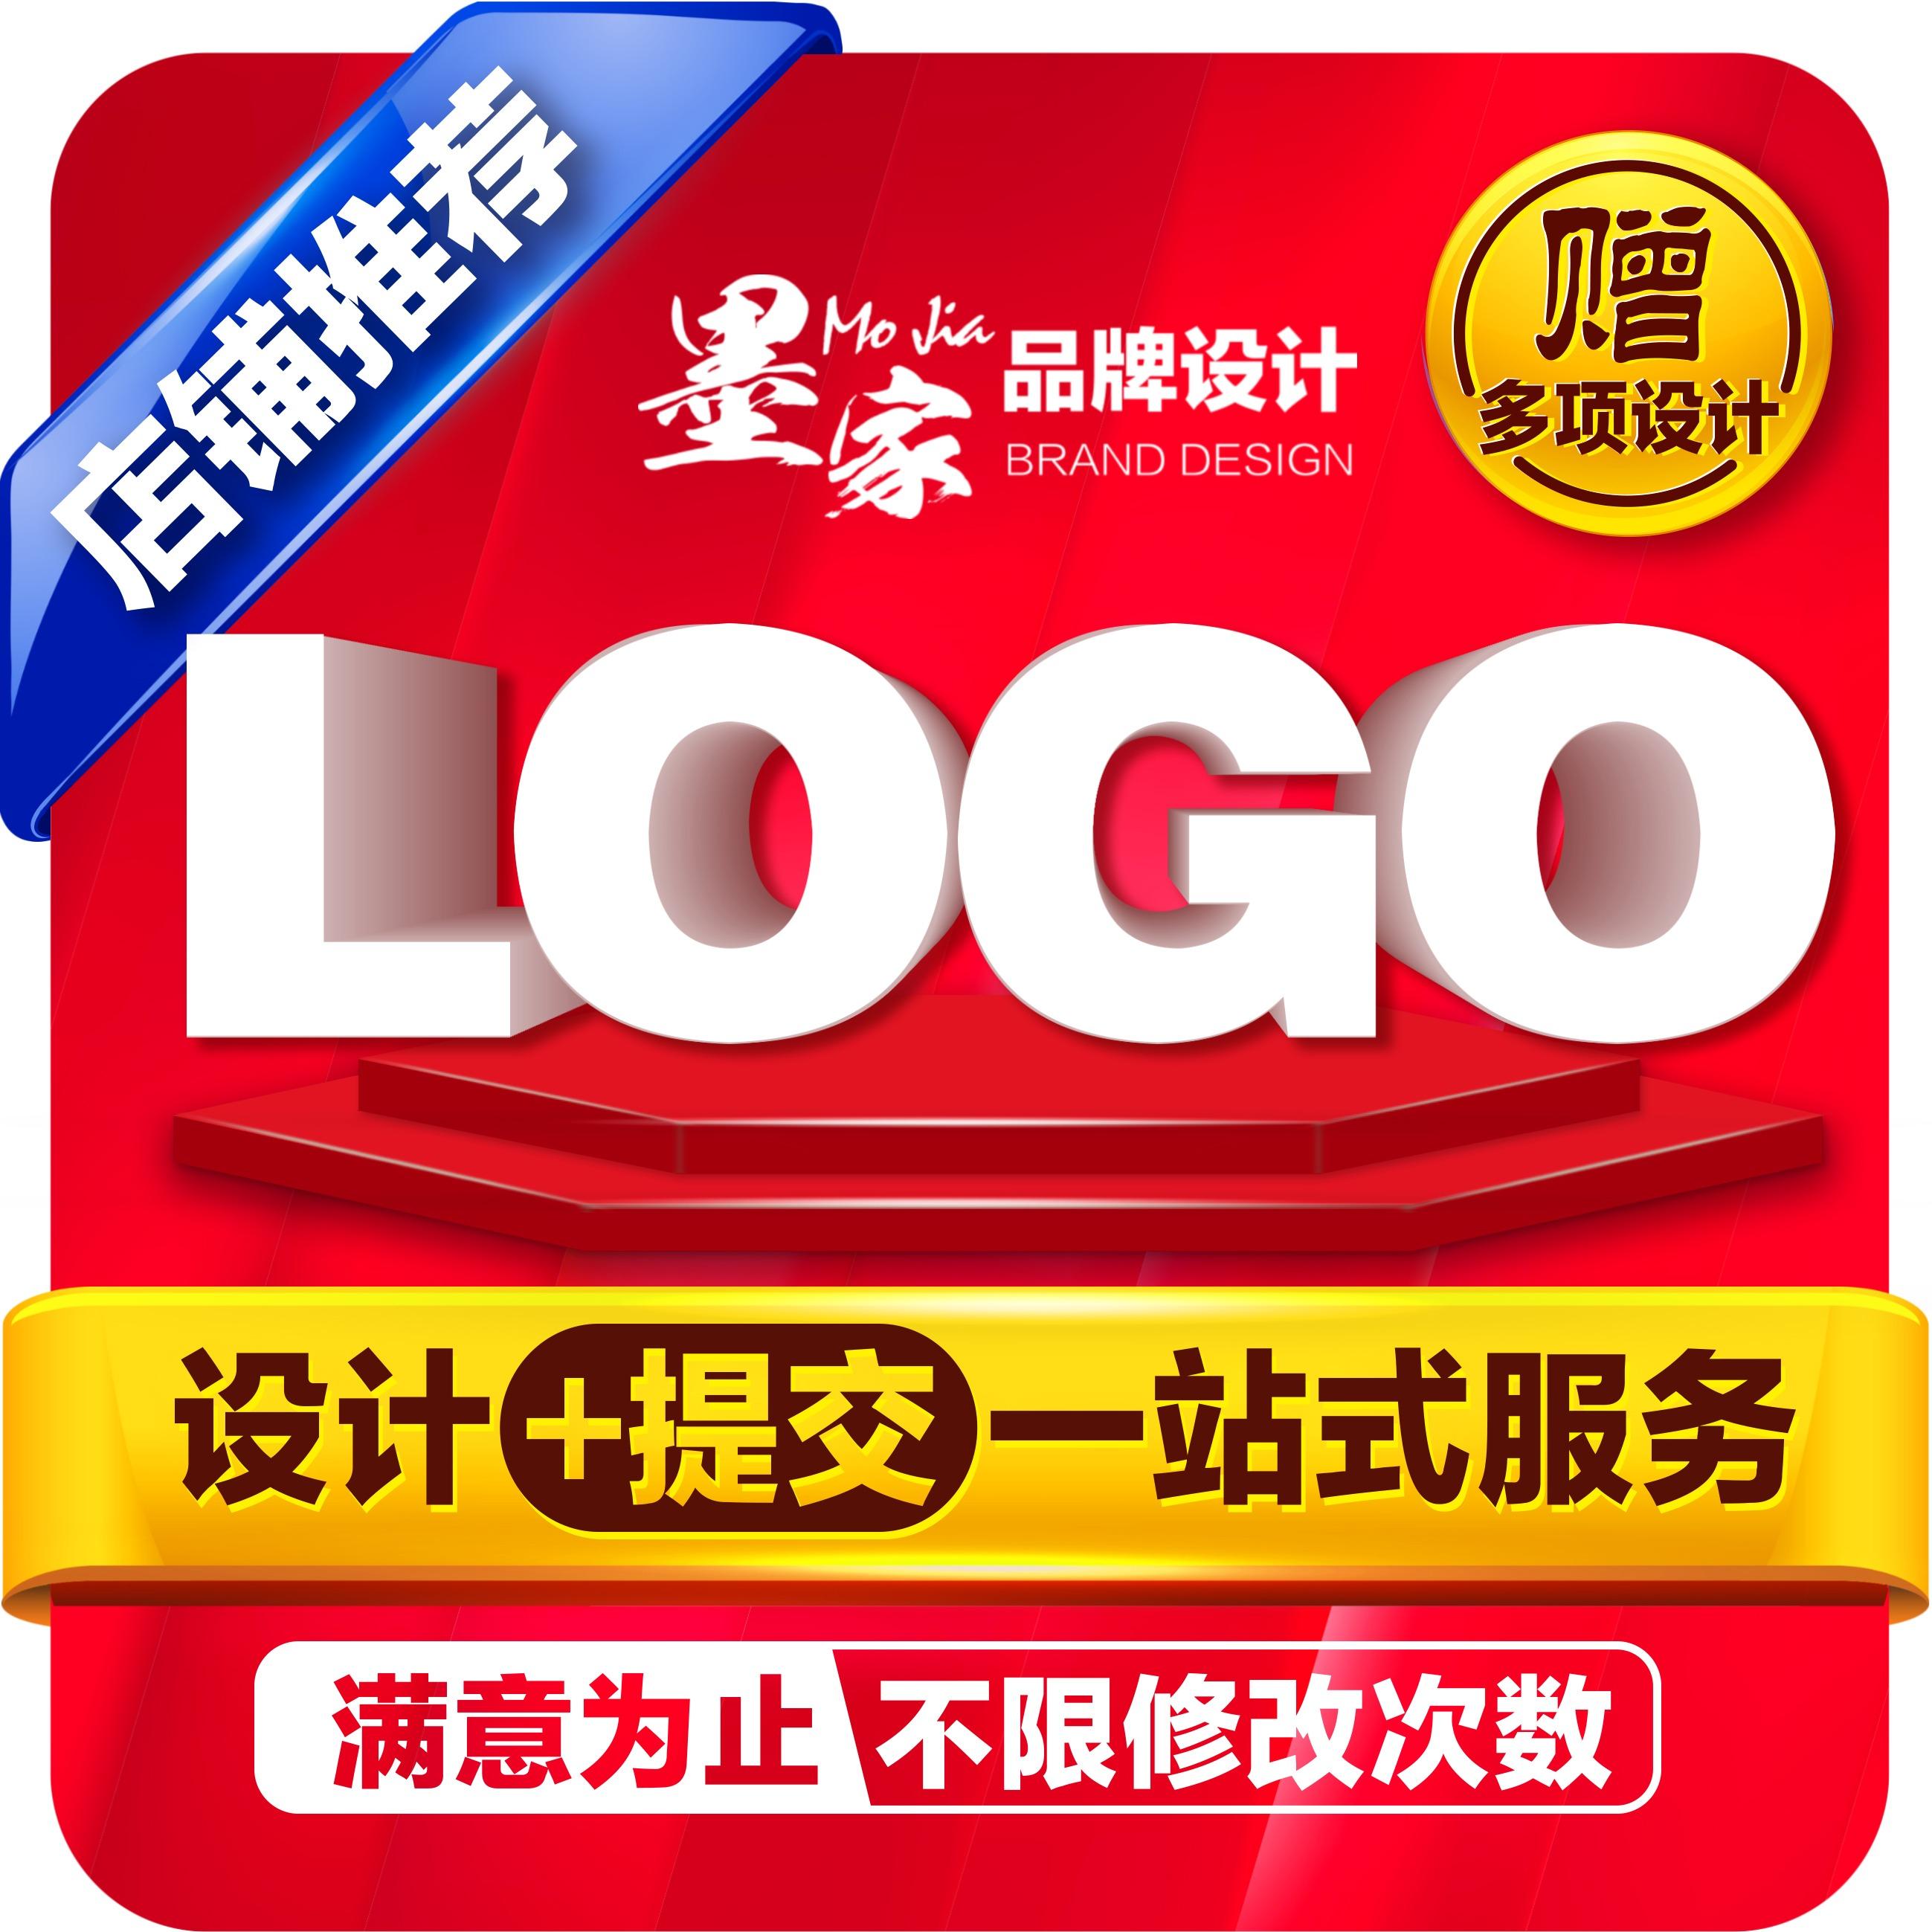 标志设计LOGO设计商标标志设计卡通logo设计可注册字体